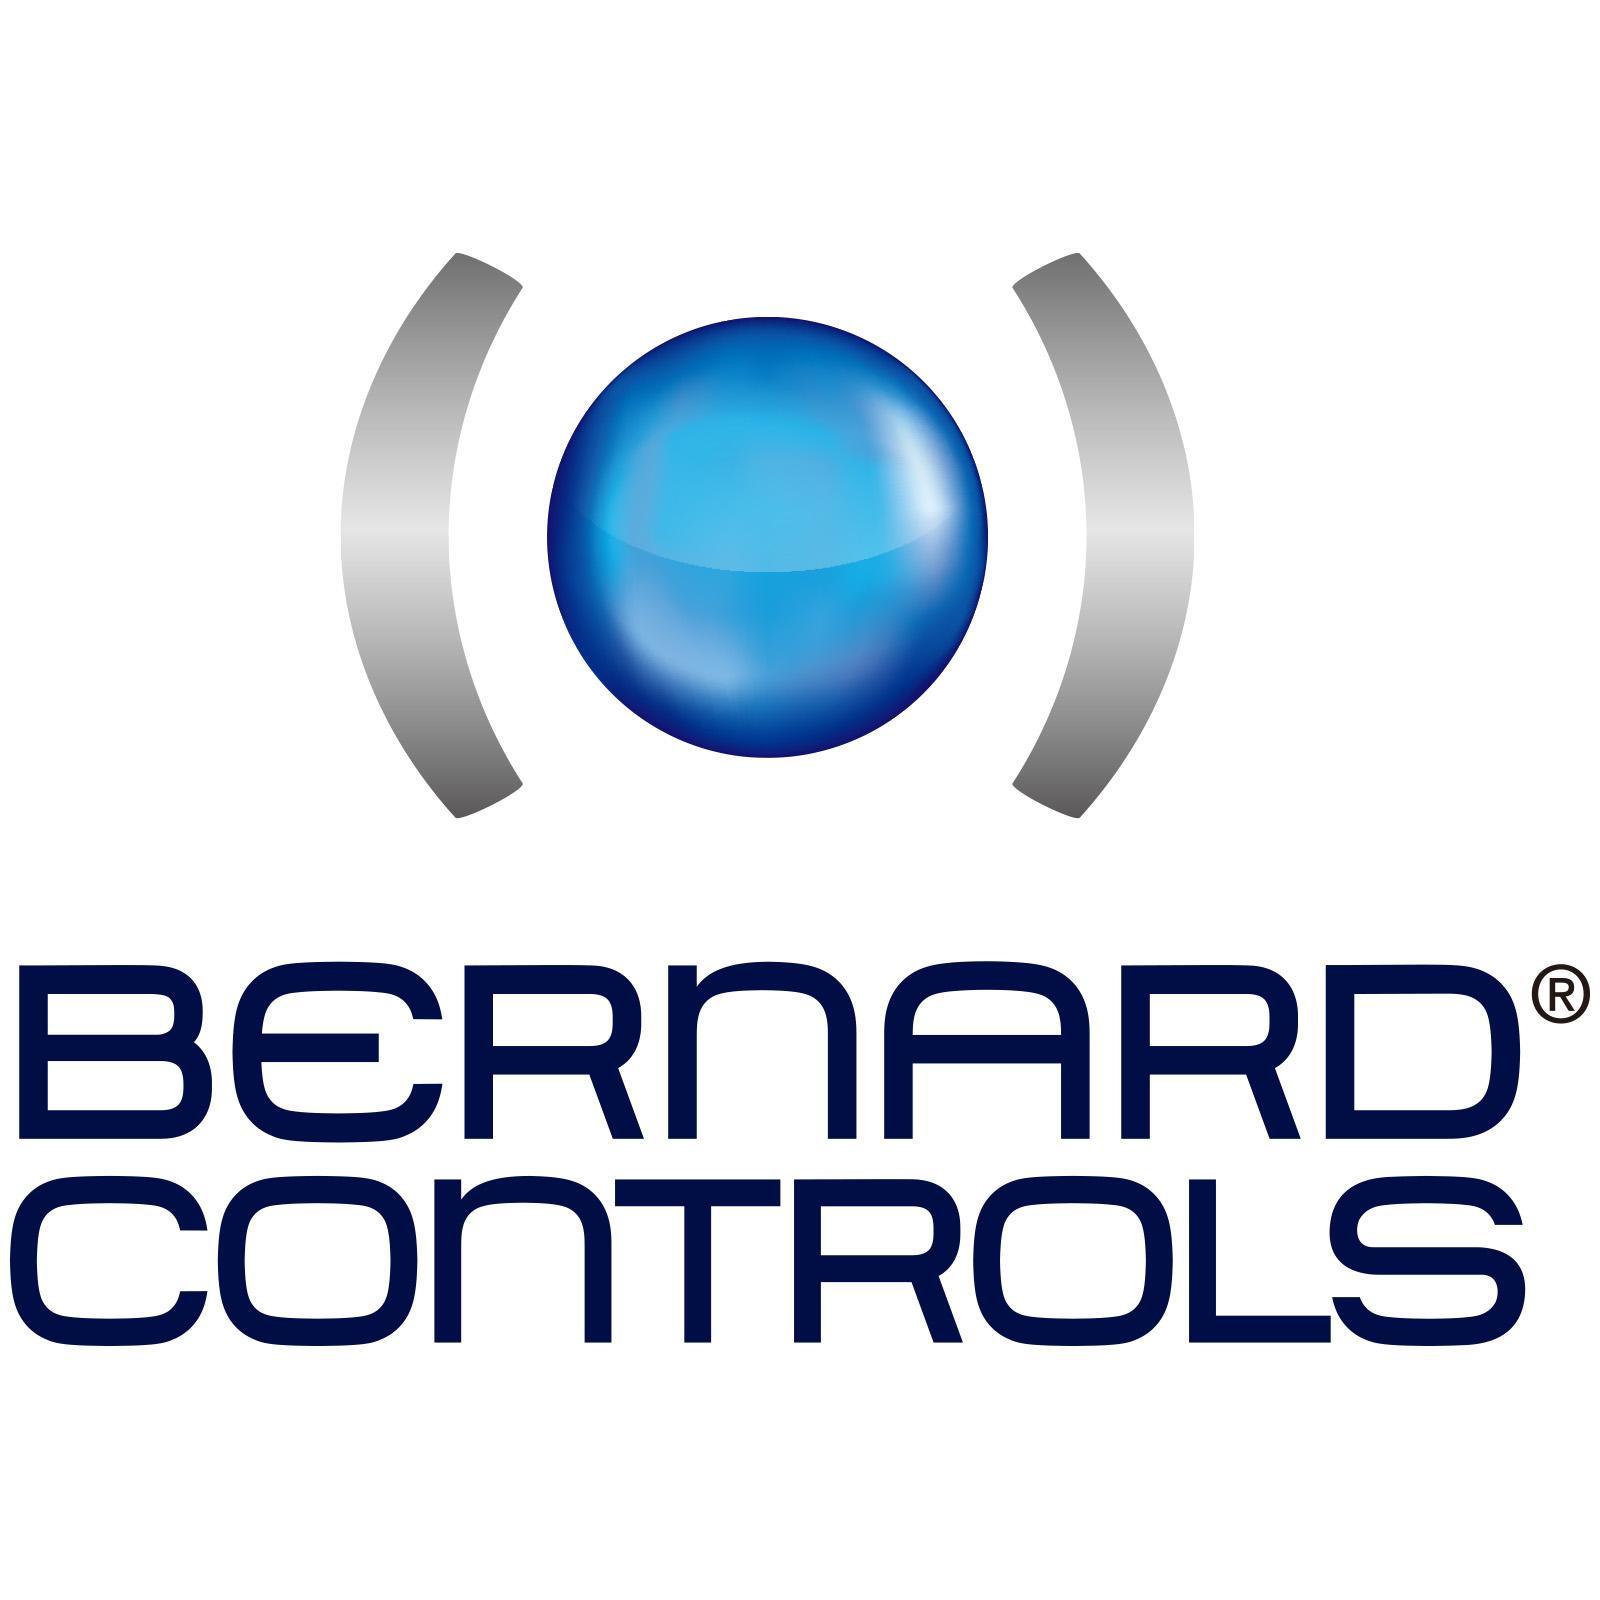 【展商风采】伯纳德控制设备(北京)有限公司